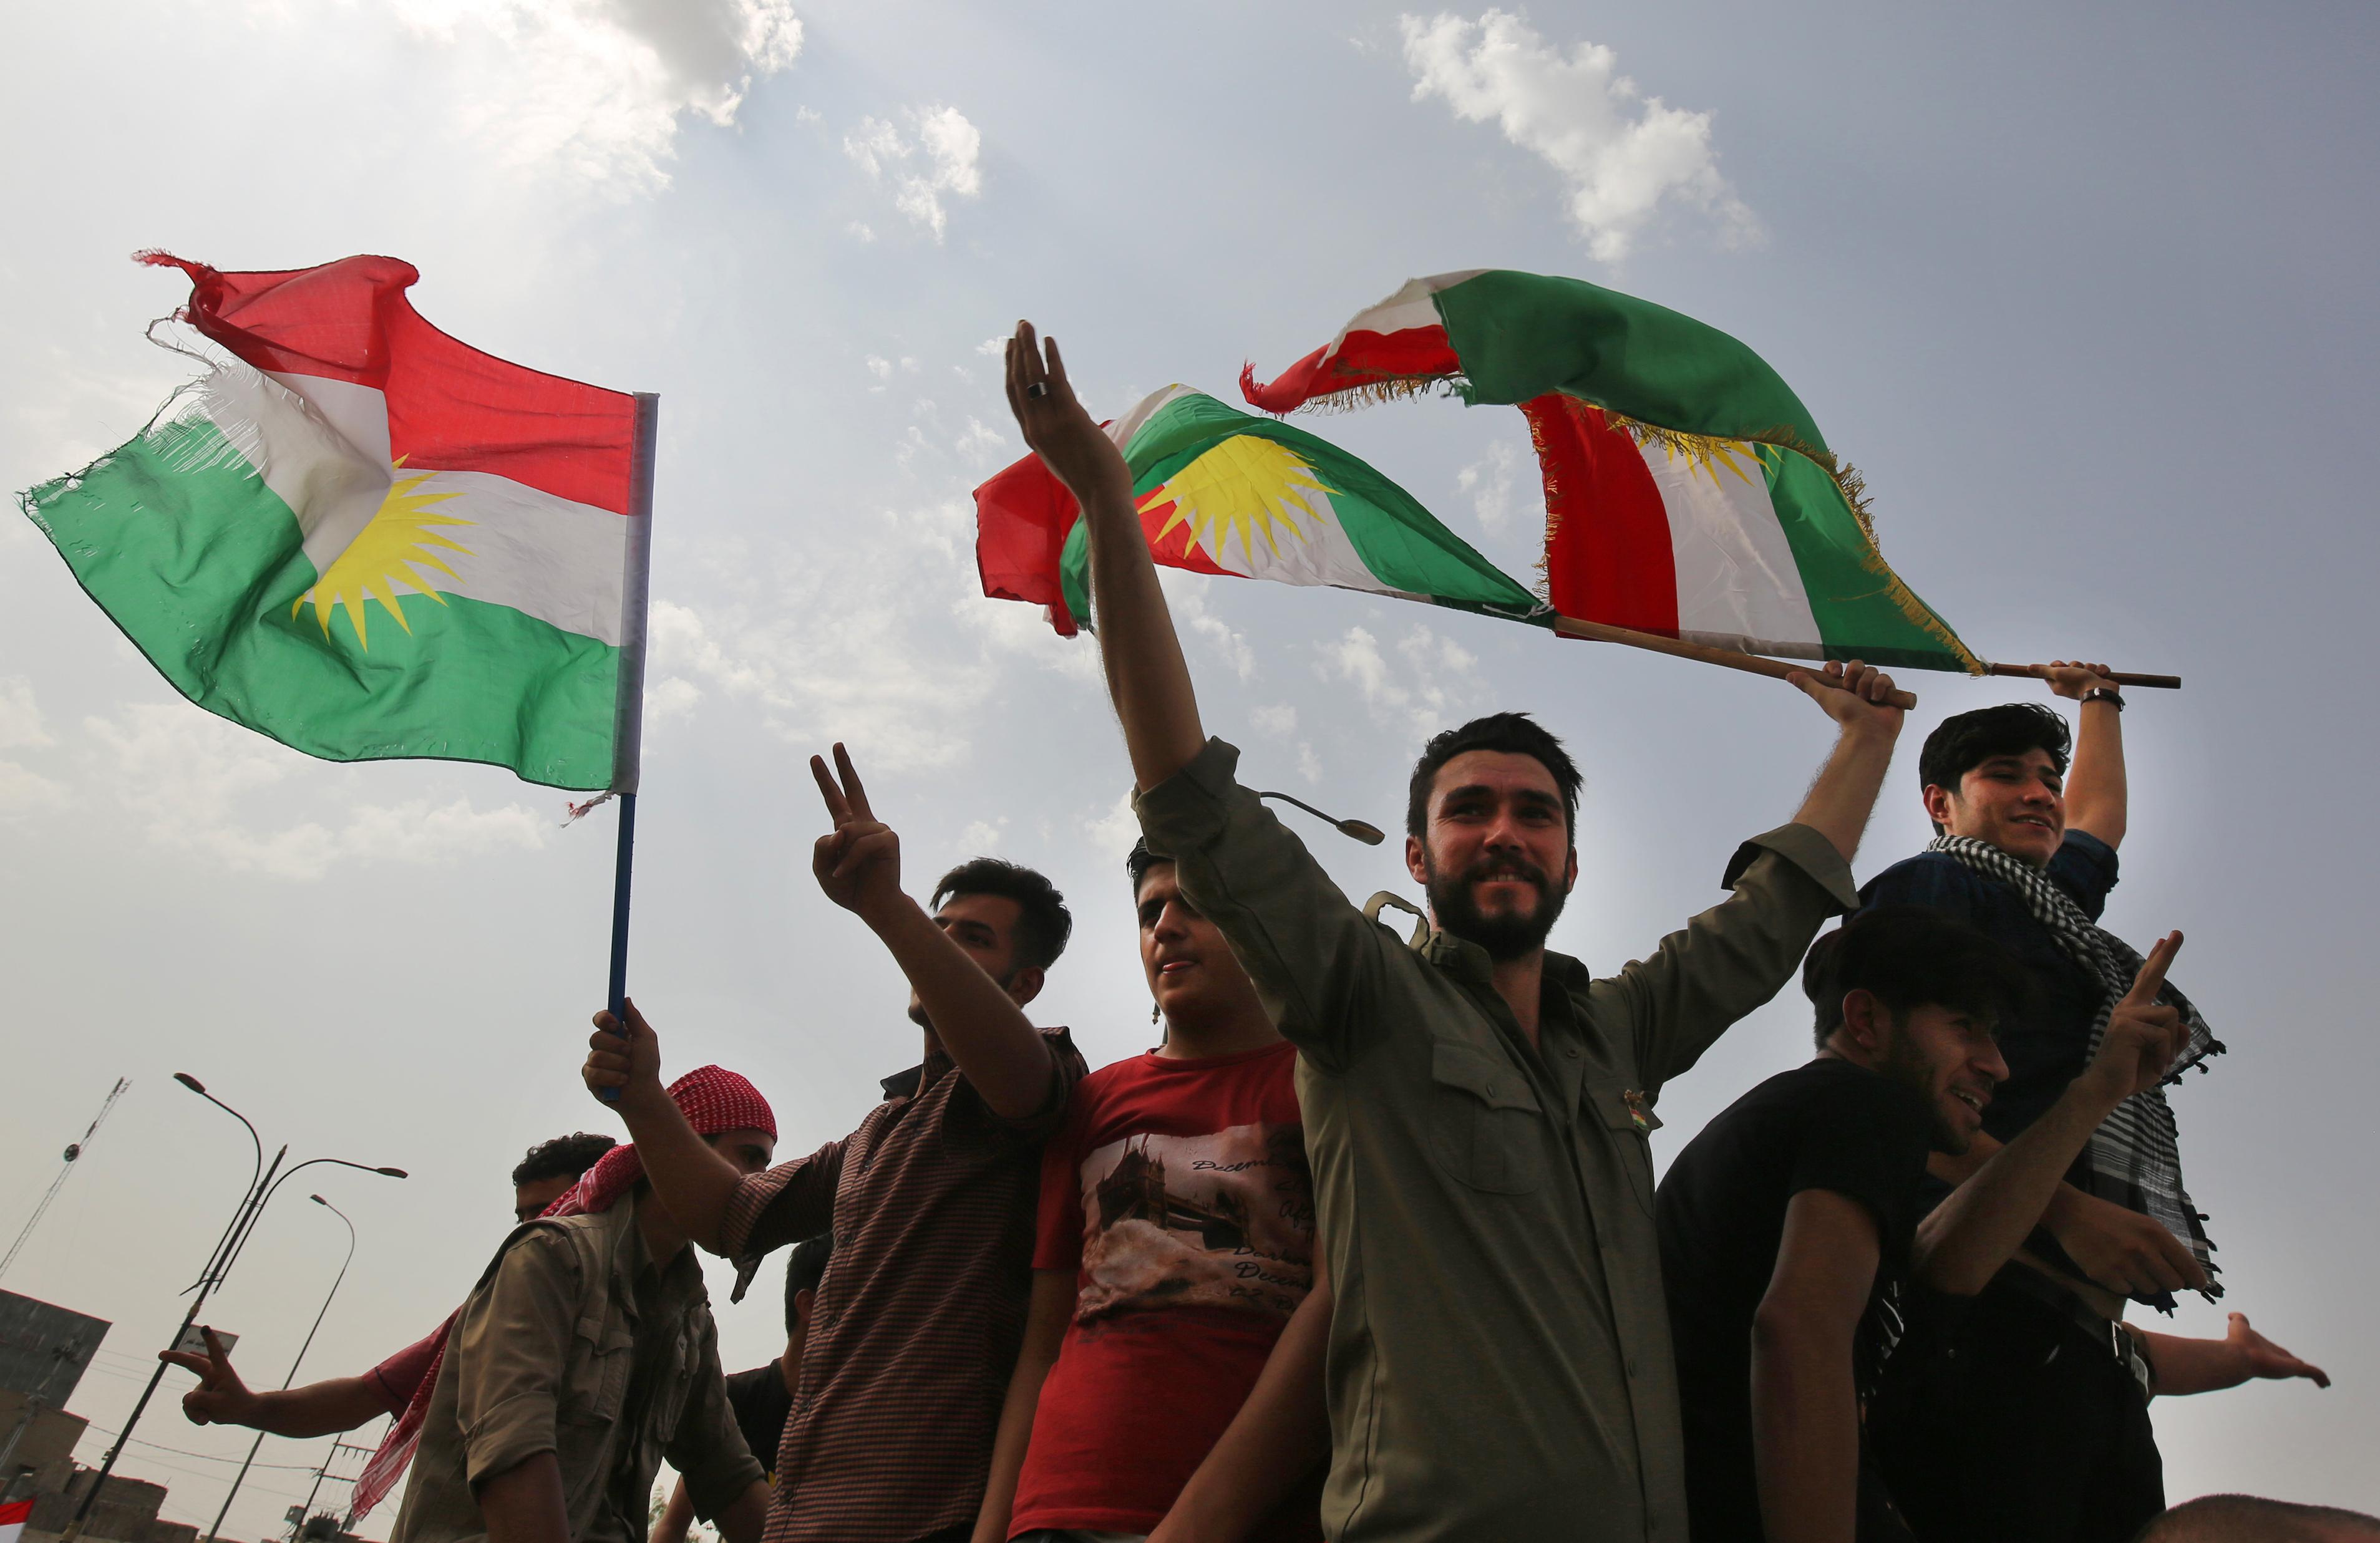 Közös hadgyakorlatot tart Irak és Irán